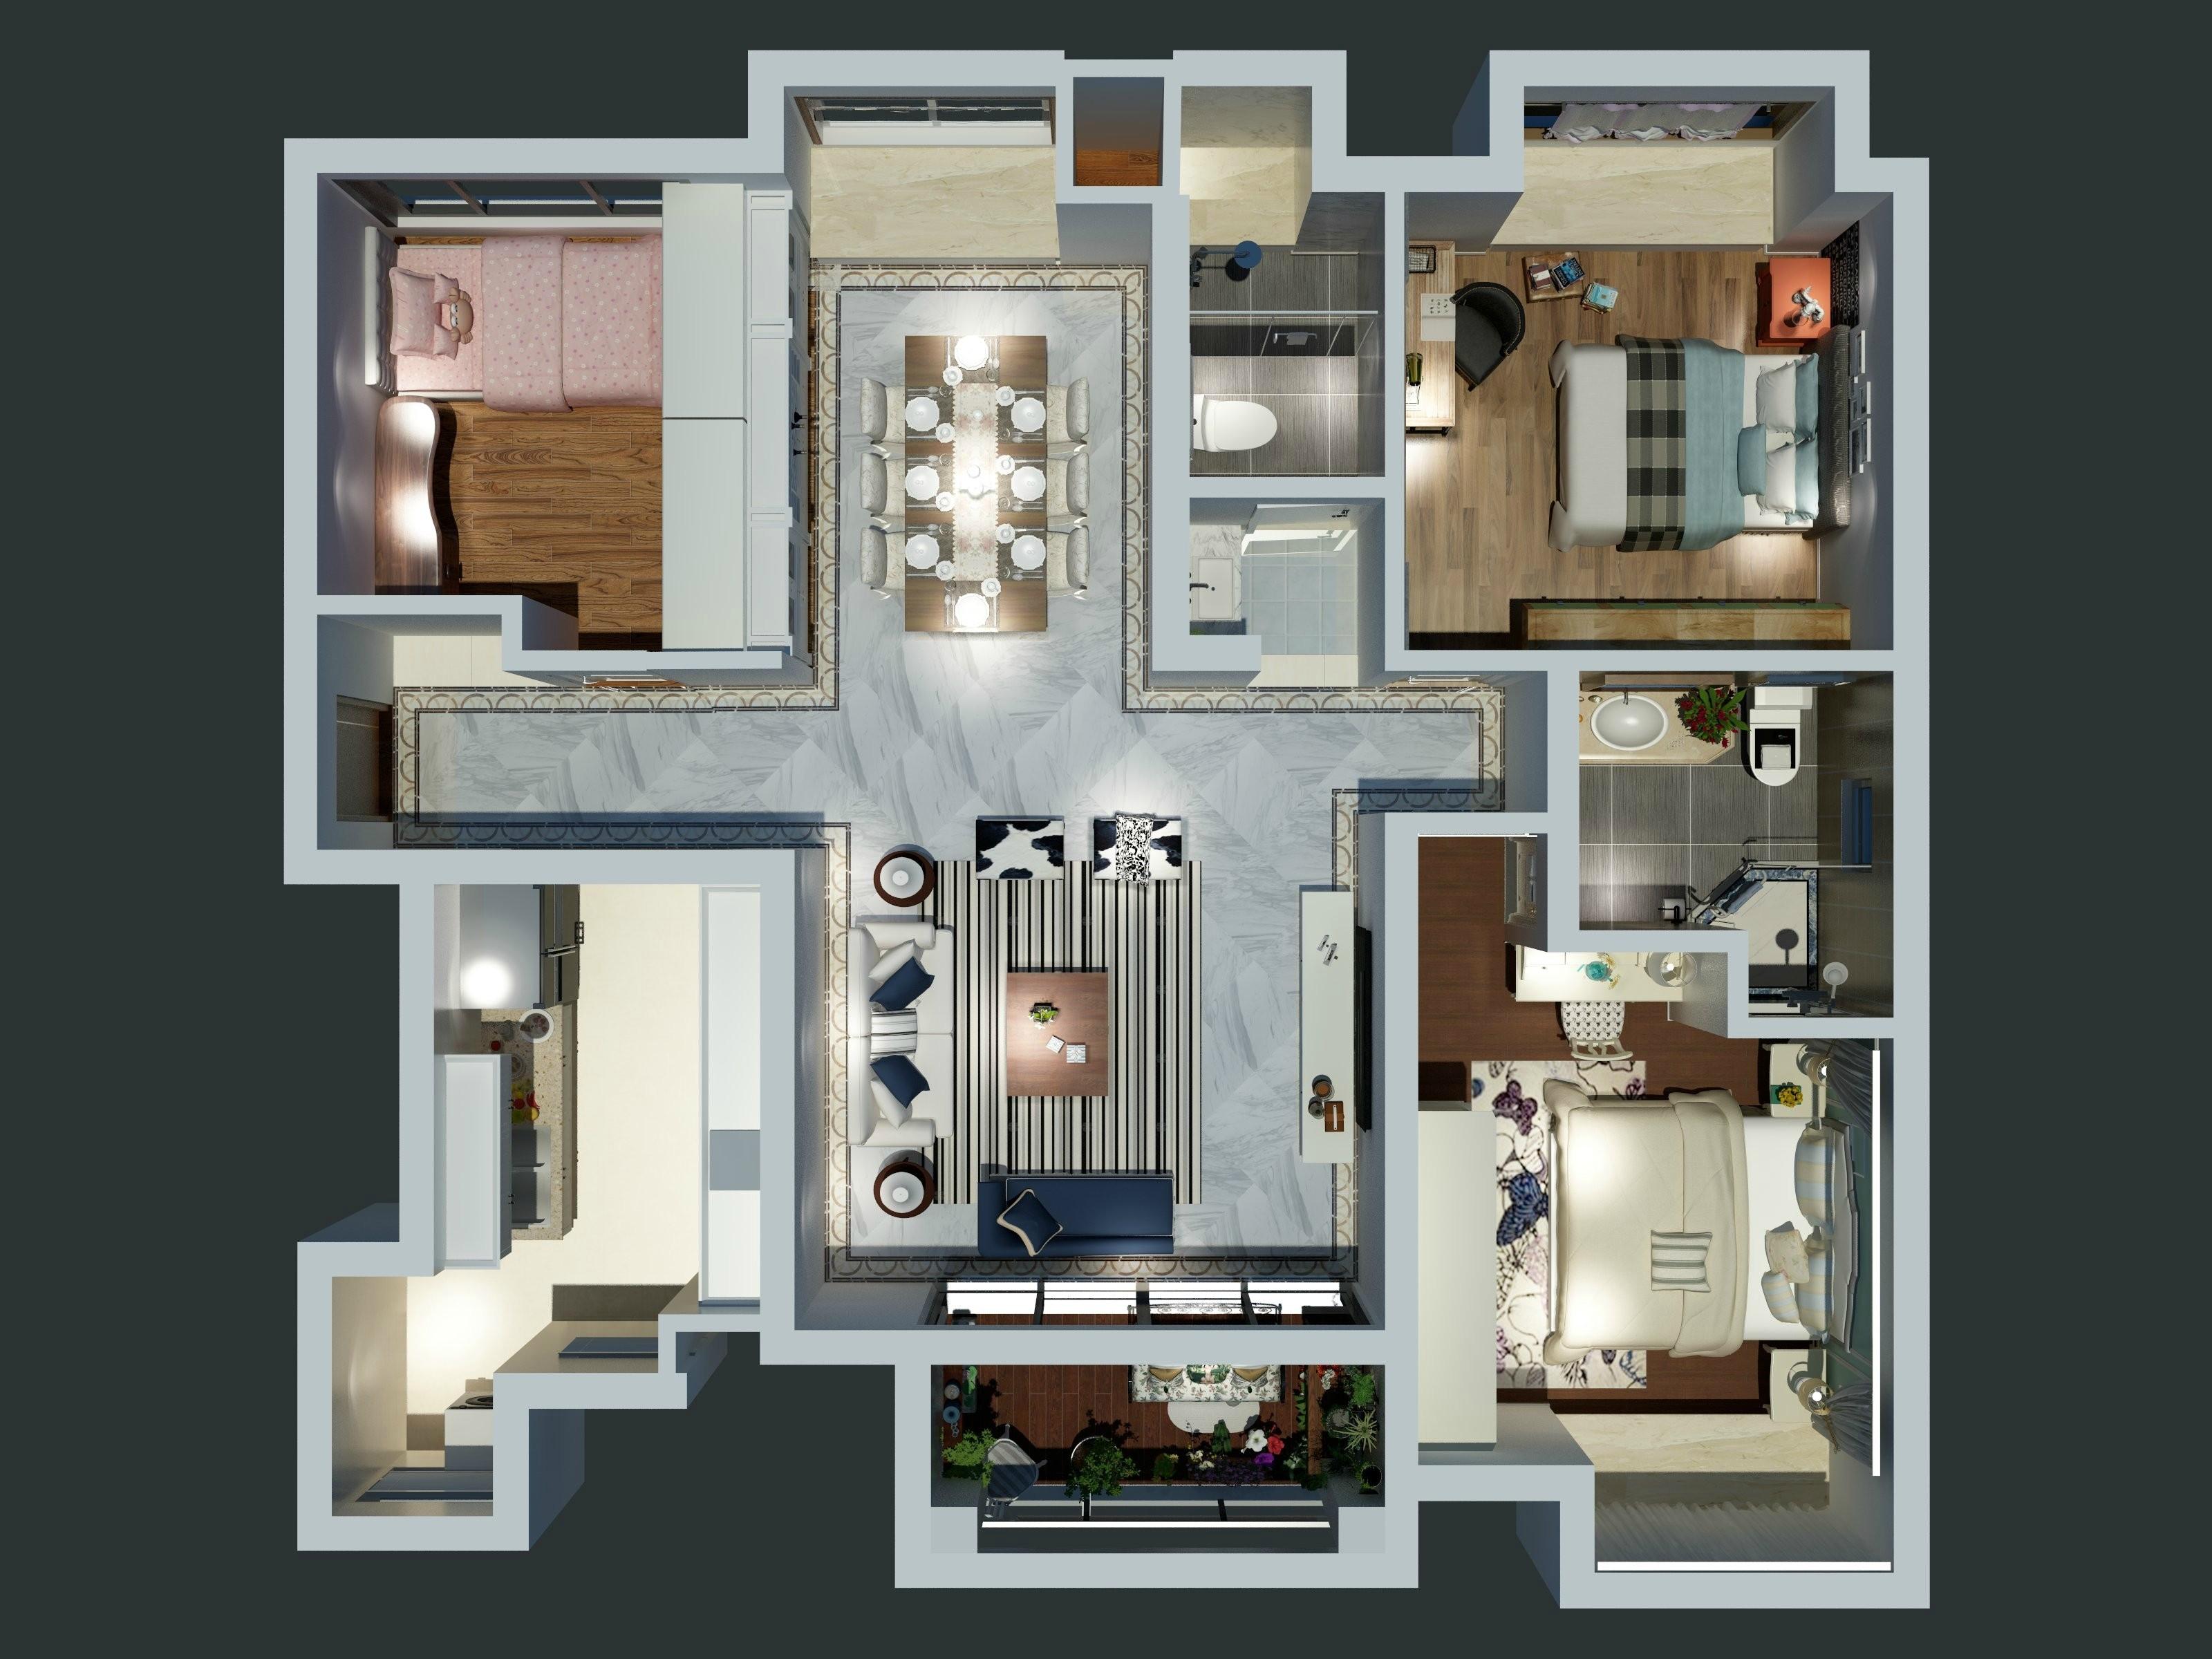 常平远大城市广场装修案例-112㎡简欧三房二厅装修效果图装修设计理念